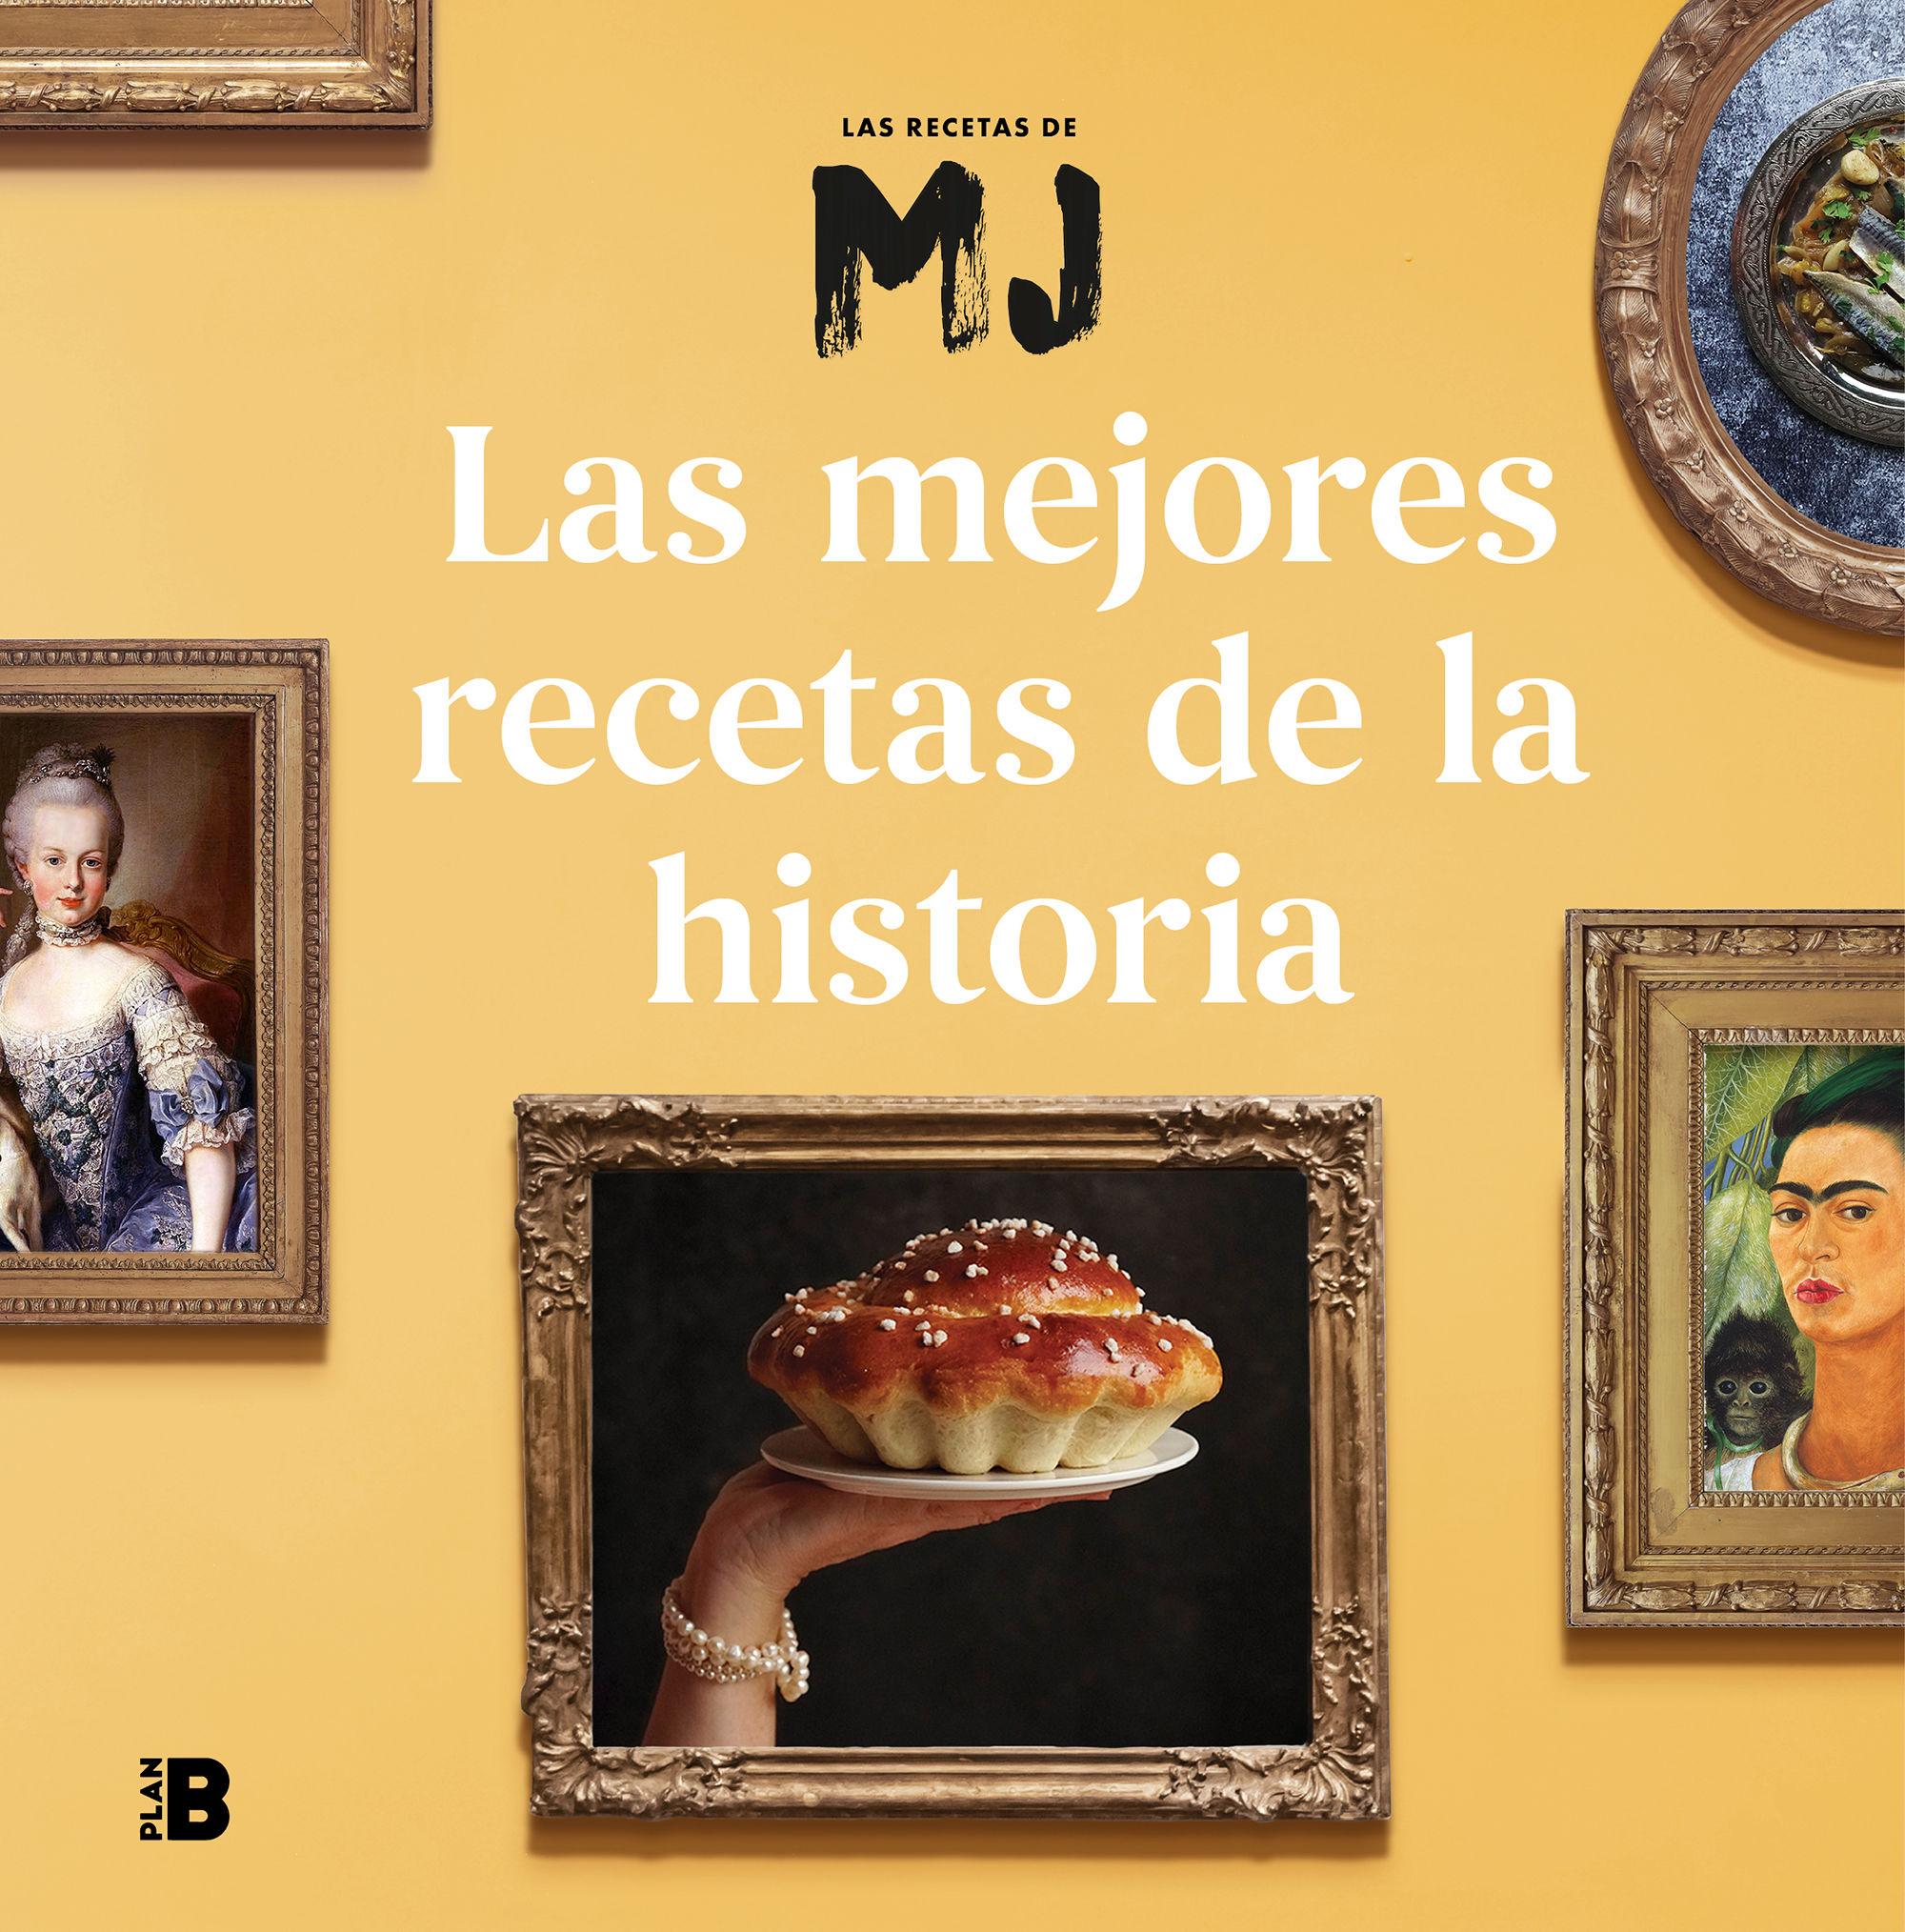 MEJORES RECETAS DE LA HISTORIA LAS